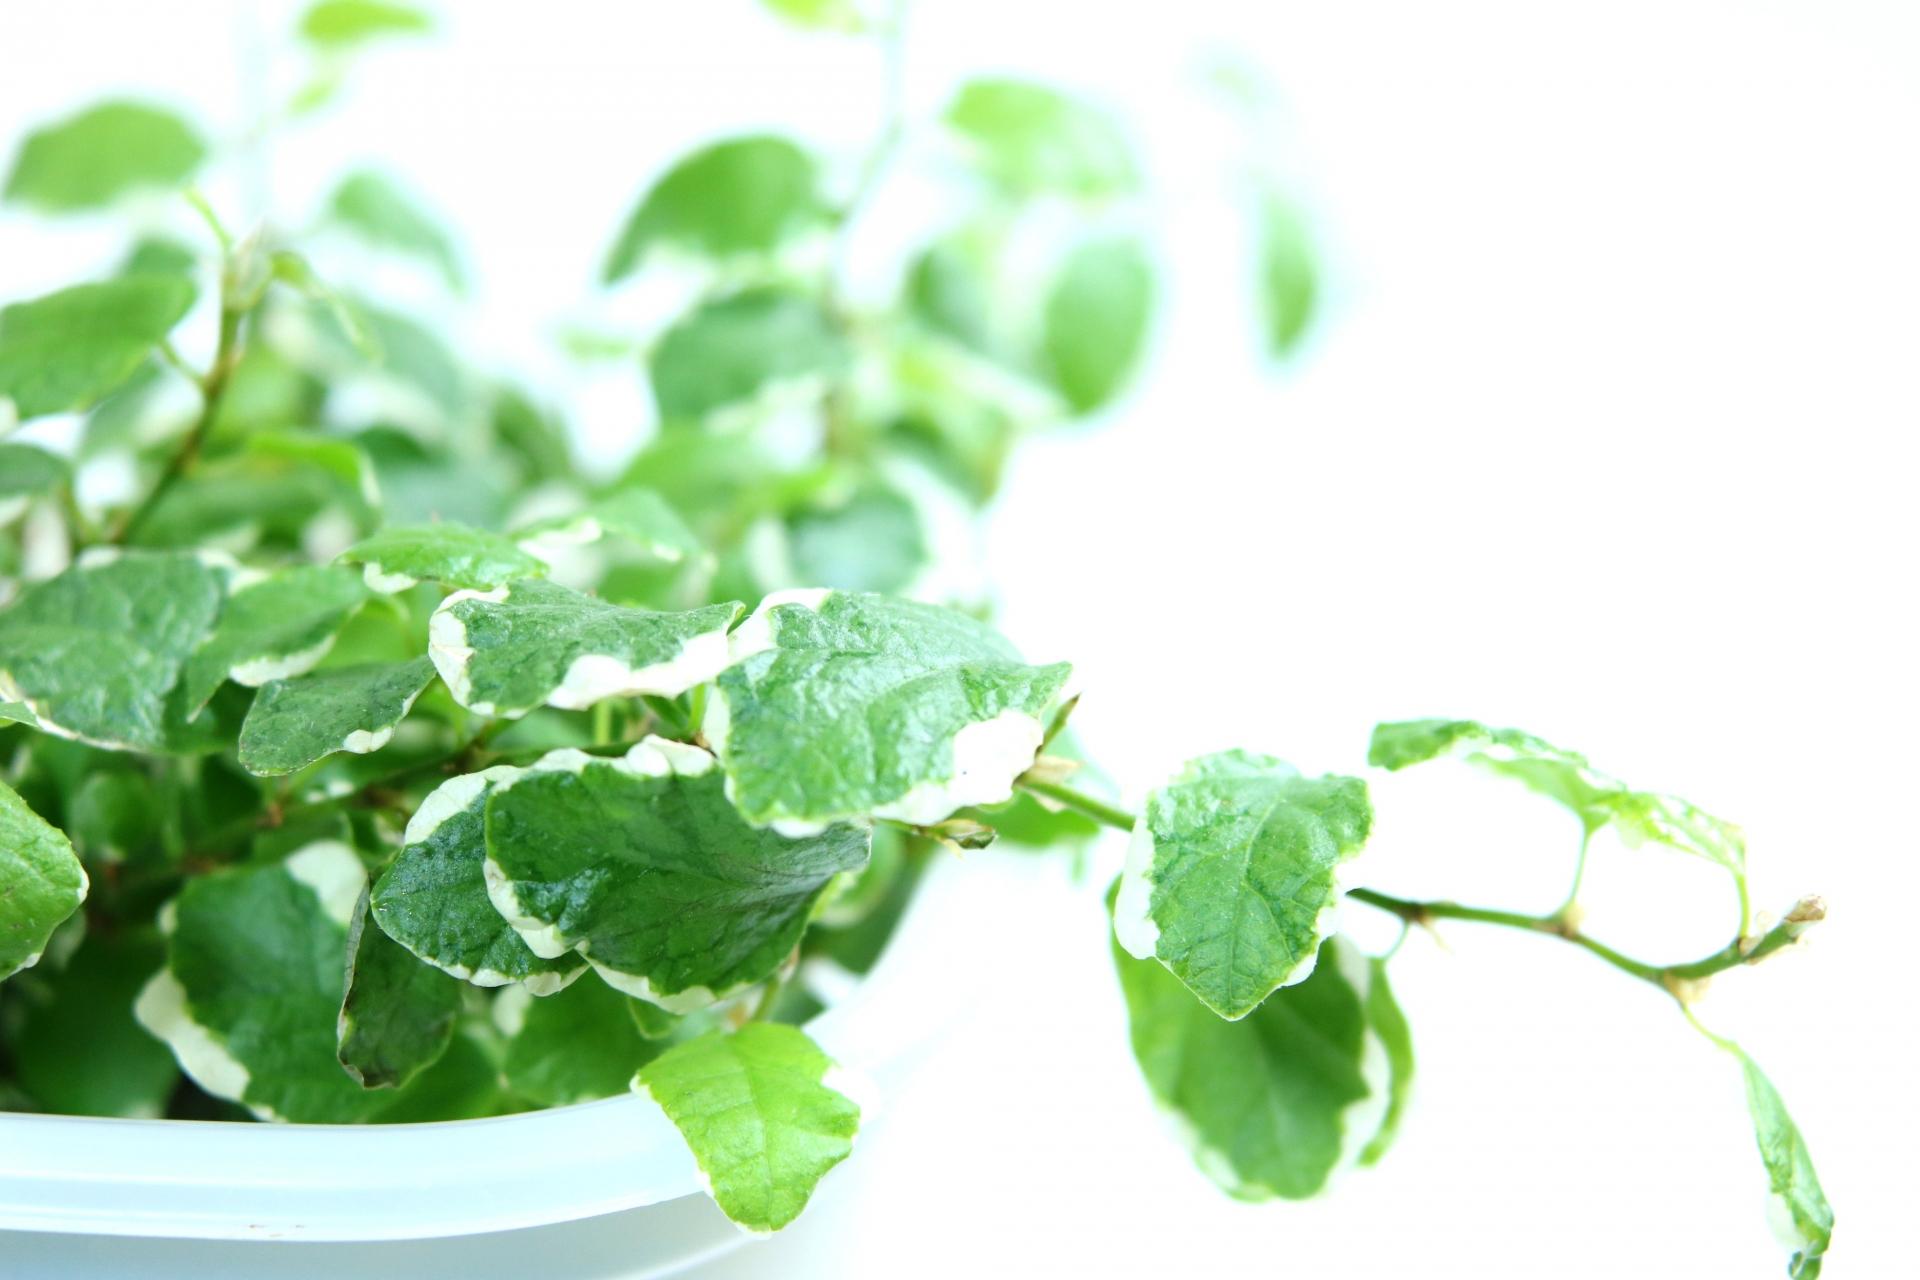 ダイソー植木鉢レビュー|底面給水できる受け皿一体型組み立て植木鉢